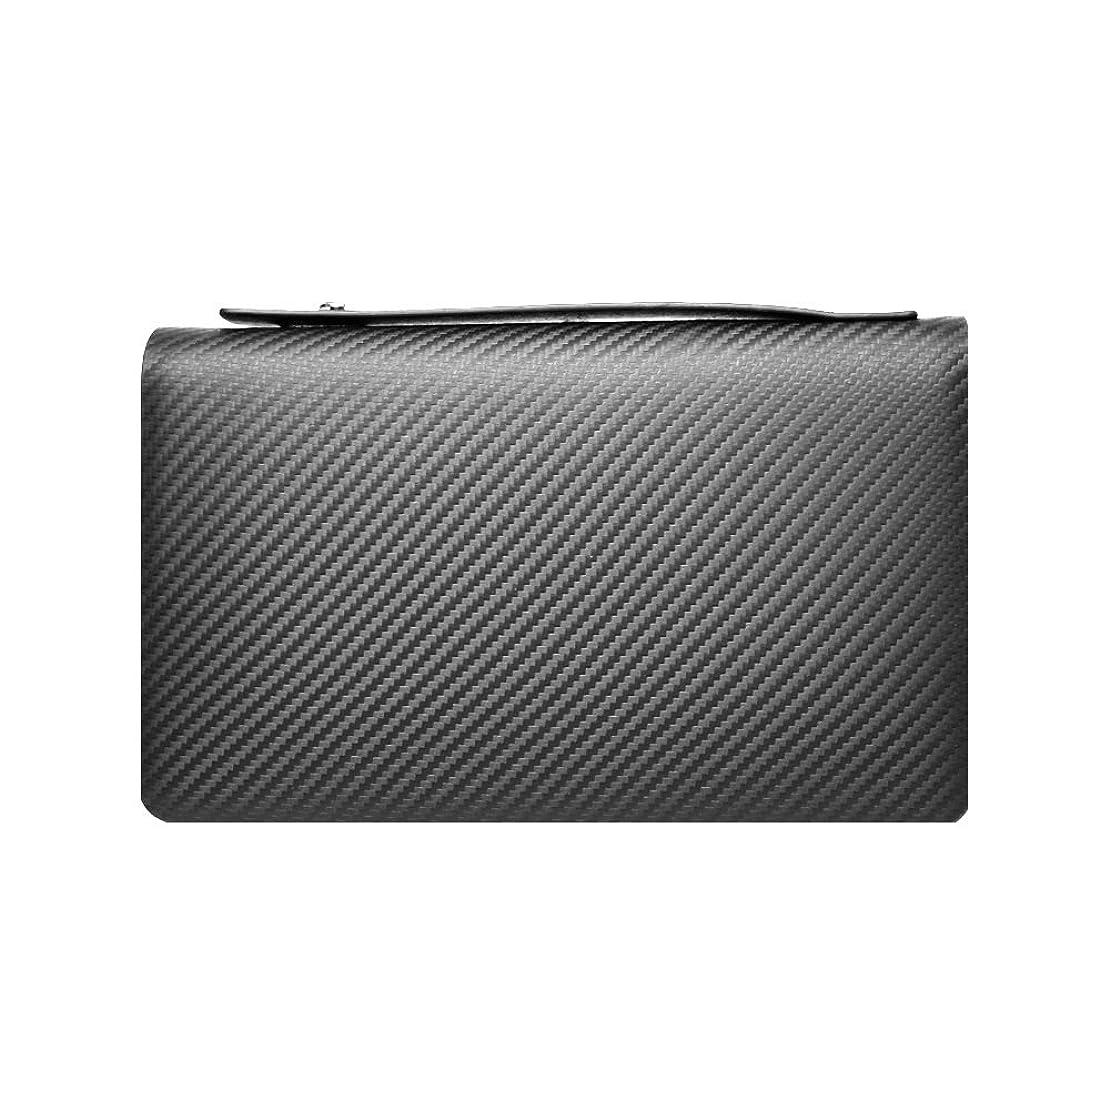 賄賂浮くキリスト教LANZA (ランザ) セカンドバッグ カーボンレザー [ ブラック ] ダブルジップ バッグ 鞄 イタリア製